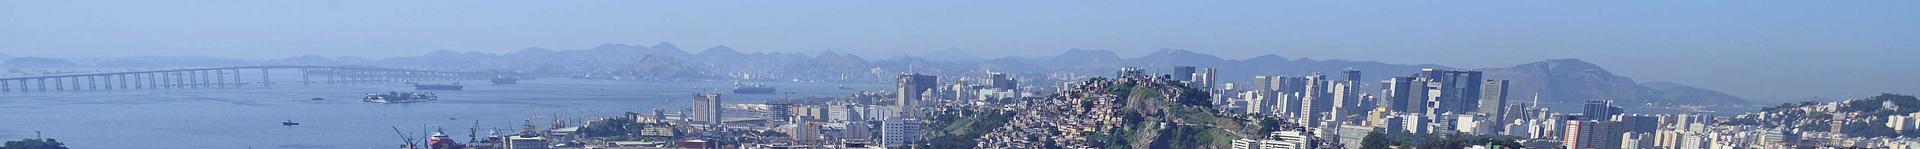 CPI Porto Maravilha